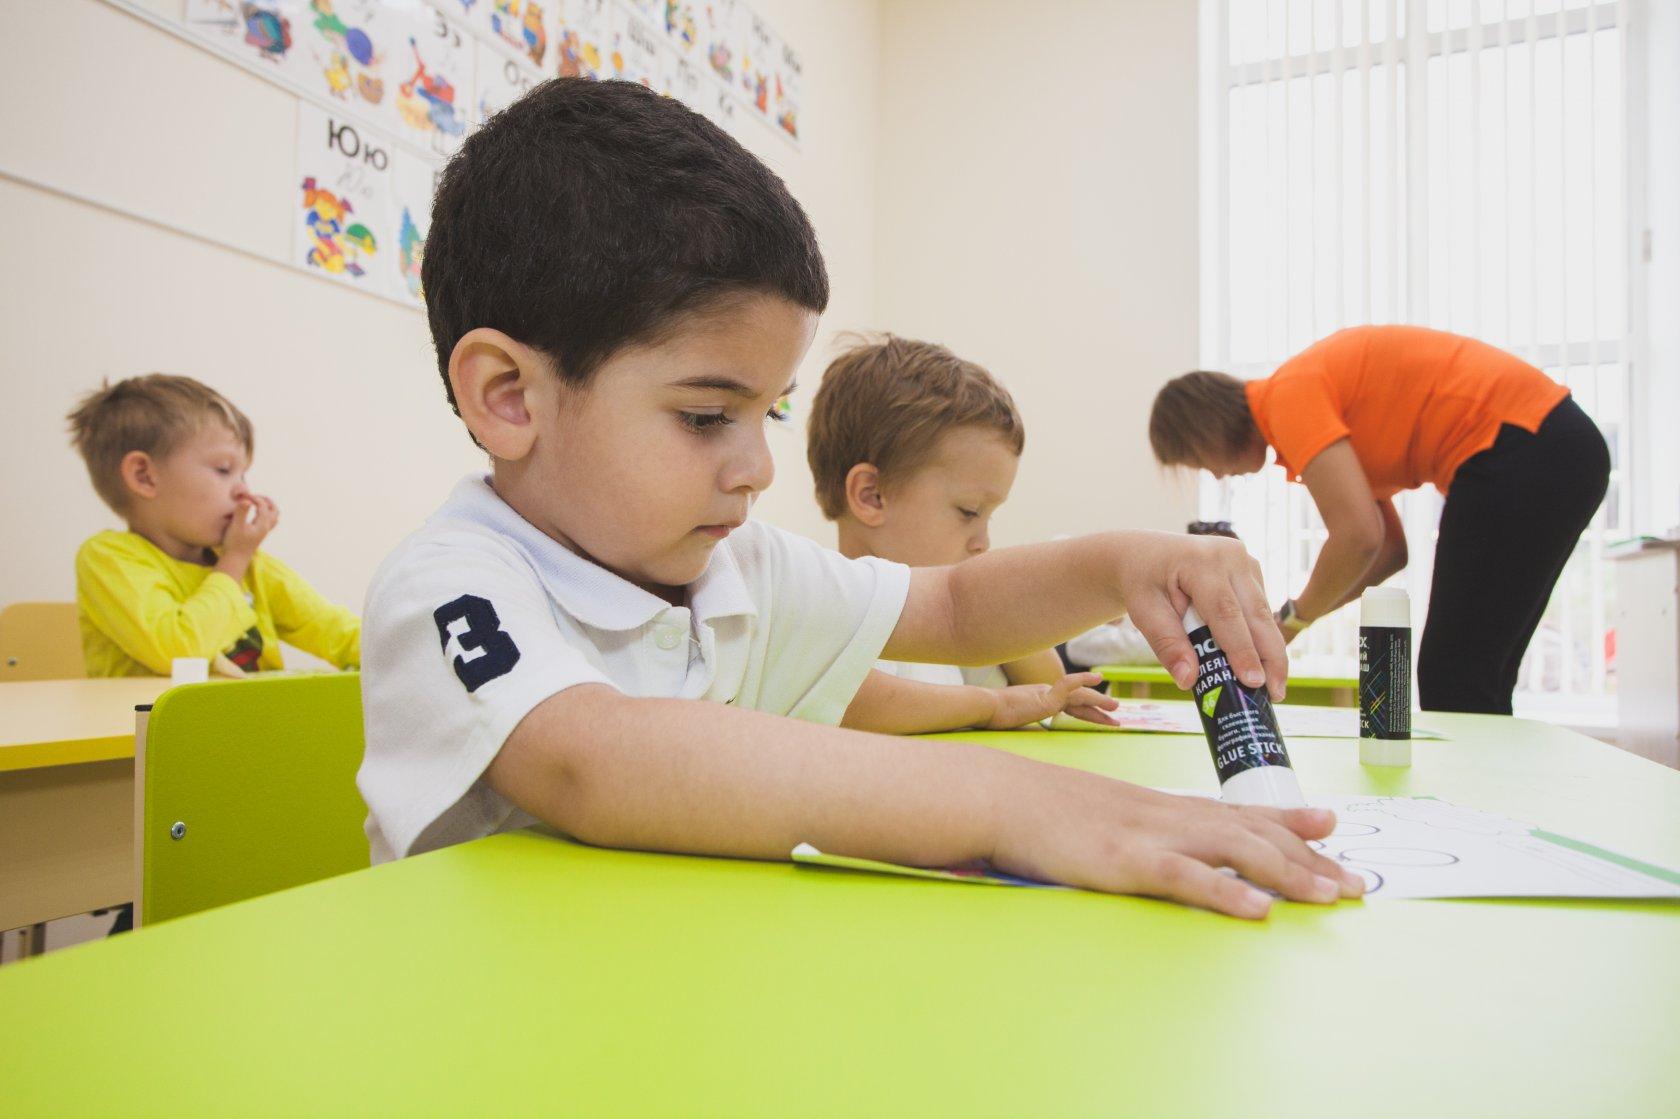 развивающие занятия для детей лепка изо Коммунарка Тропареов Ленинский